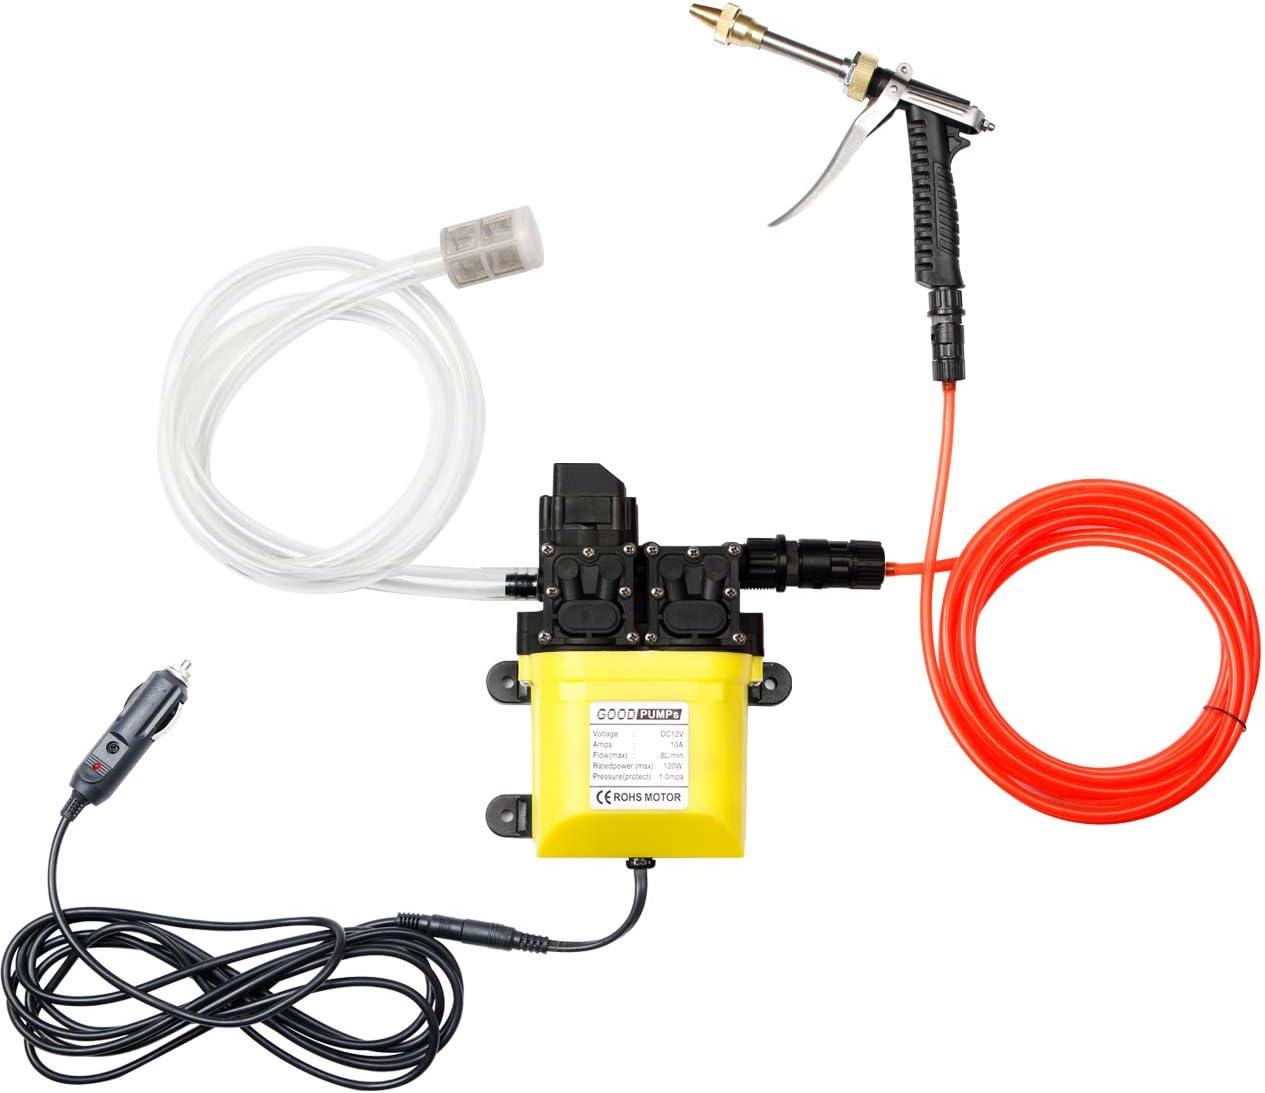 Bomba Lavadora eléctrica portátil: 120W 160 PSI 12V Kit Lavado a Alta presión Bomba de Agua para Limpieza automóviles con tubería de 6M para el hogar | Jardín | Vehículos | Proyectos | Puerta Ventana